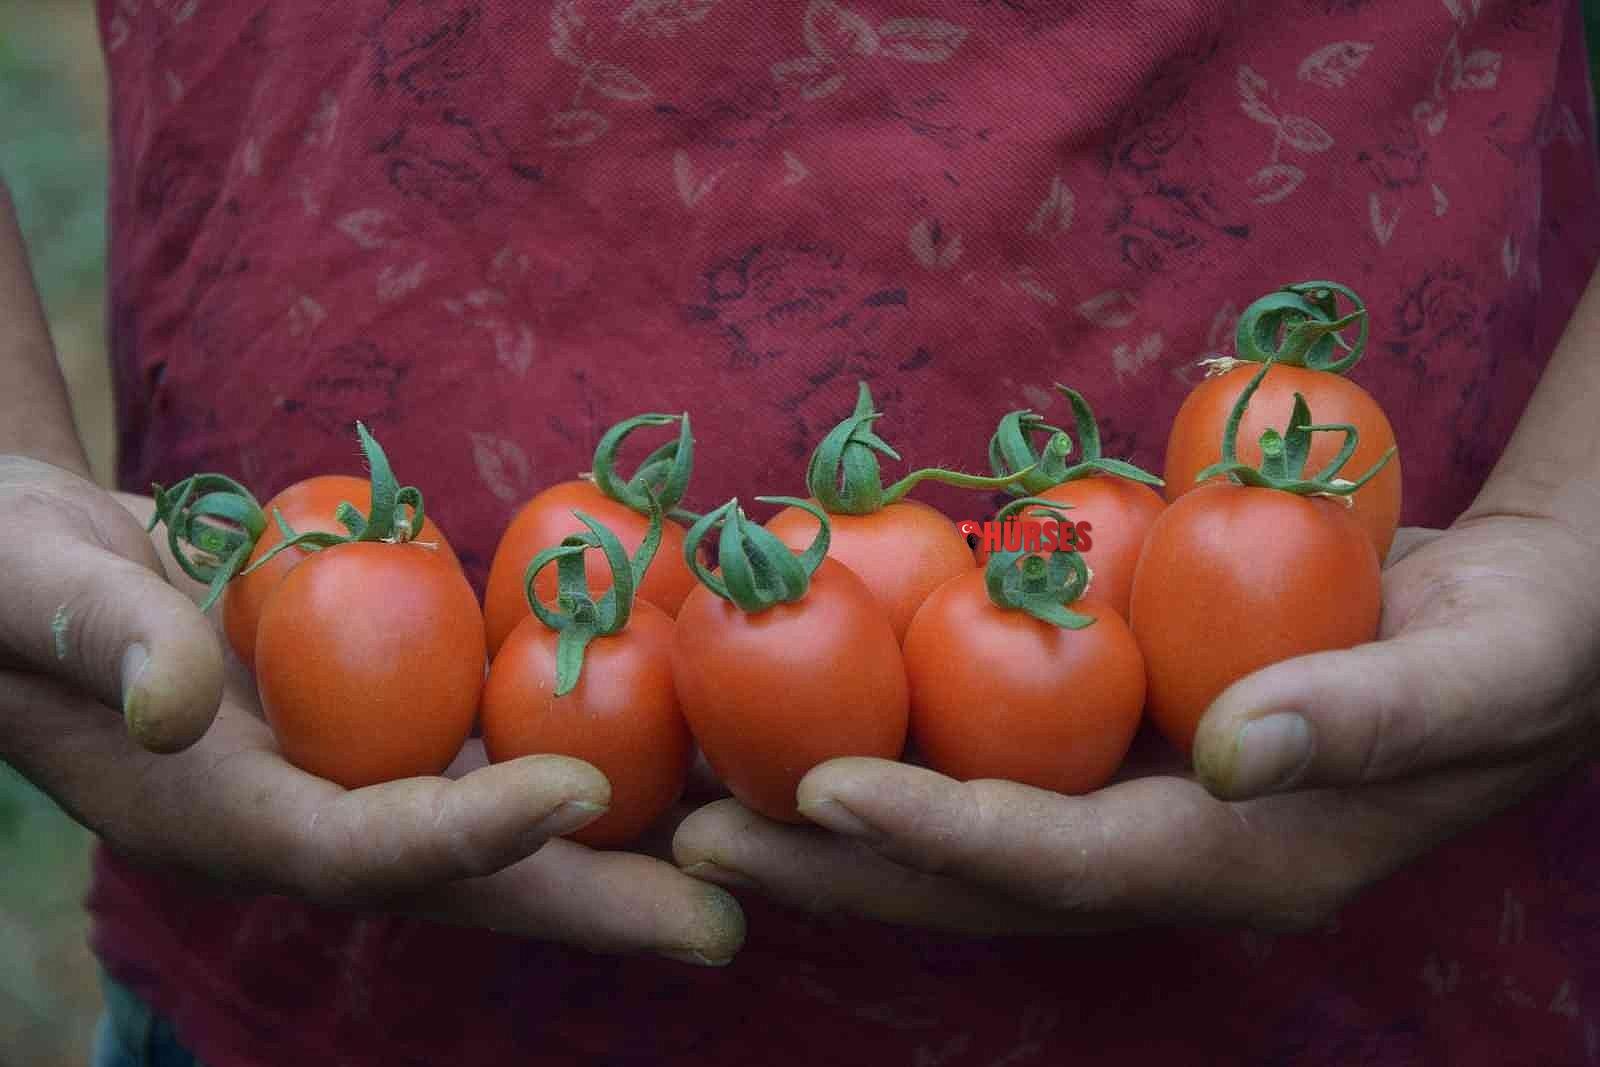 2021/10/ureticiden-13-tlye-cikan-kokteyl-domates-marketlerde-23-tlye-satiliyor-20211013AW44-1.jpg